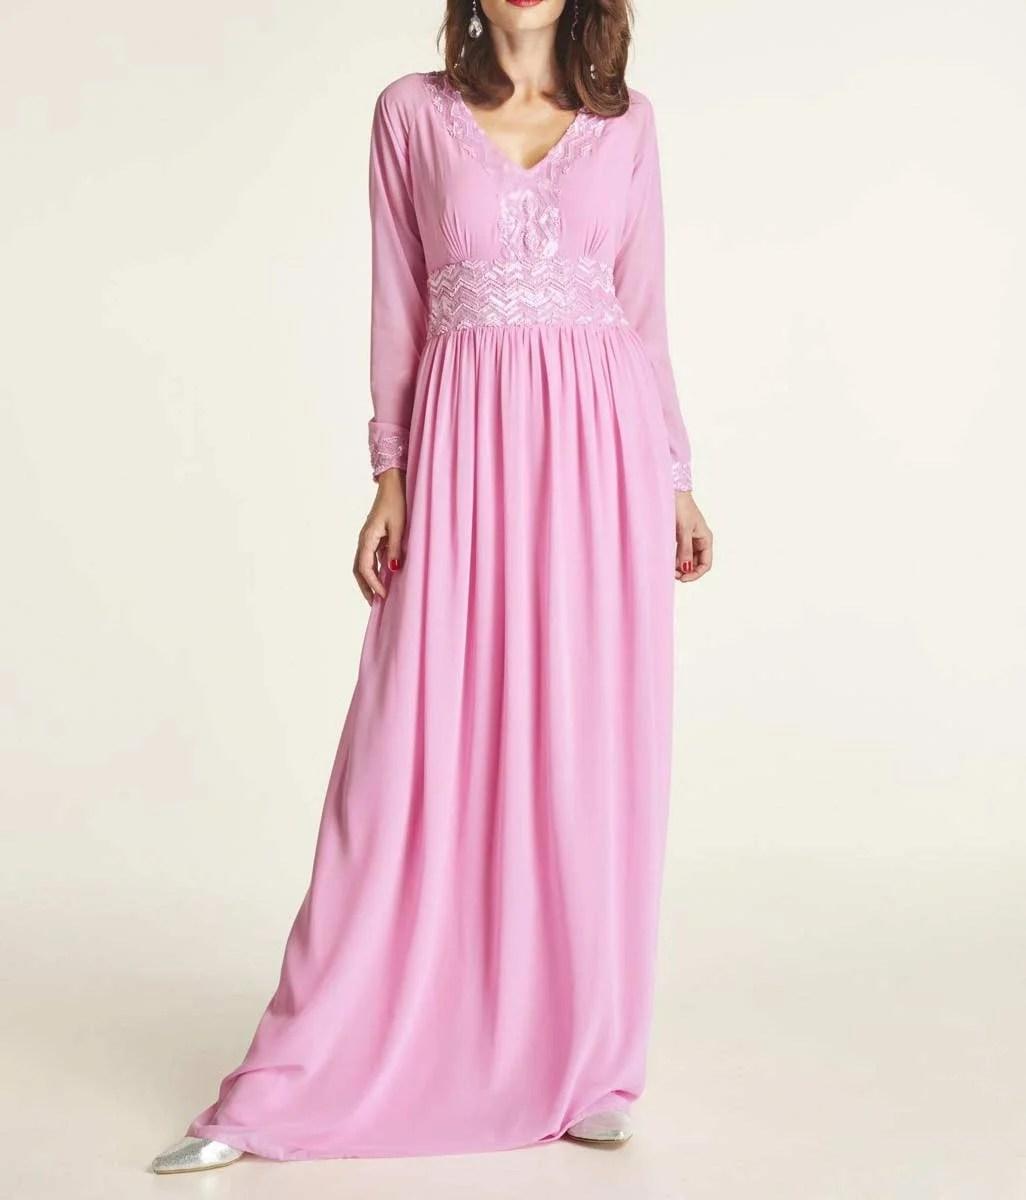 Festmoden HEINE Damen Designer-Abendkleid m. Pailletten Pink 516.059 Missforty